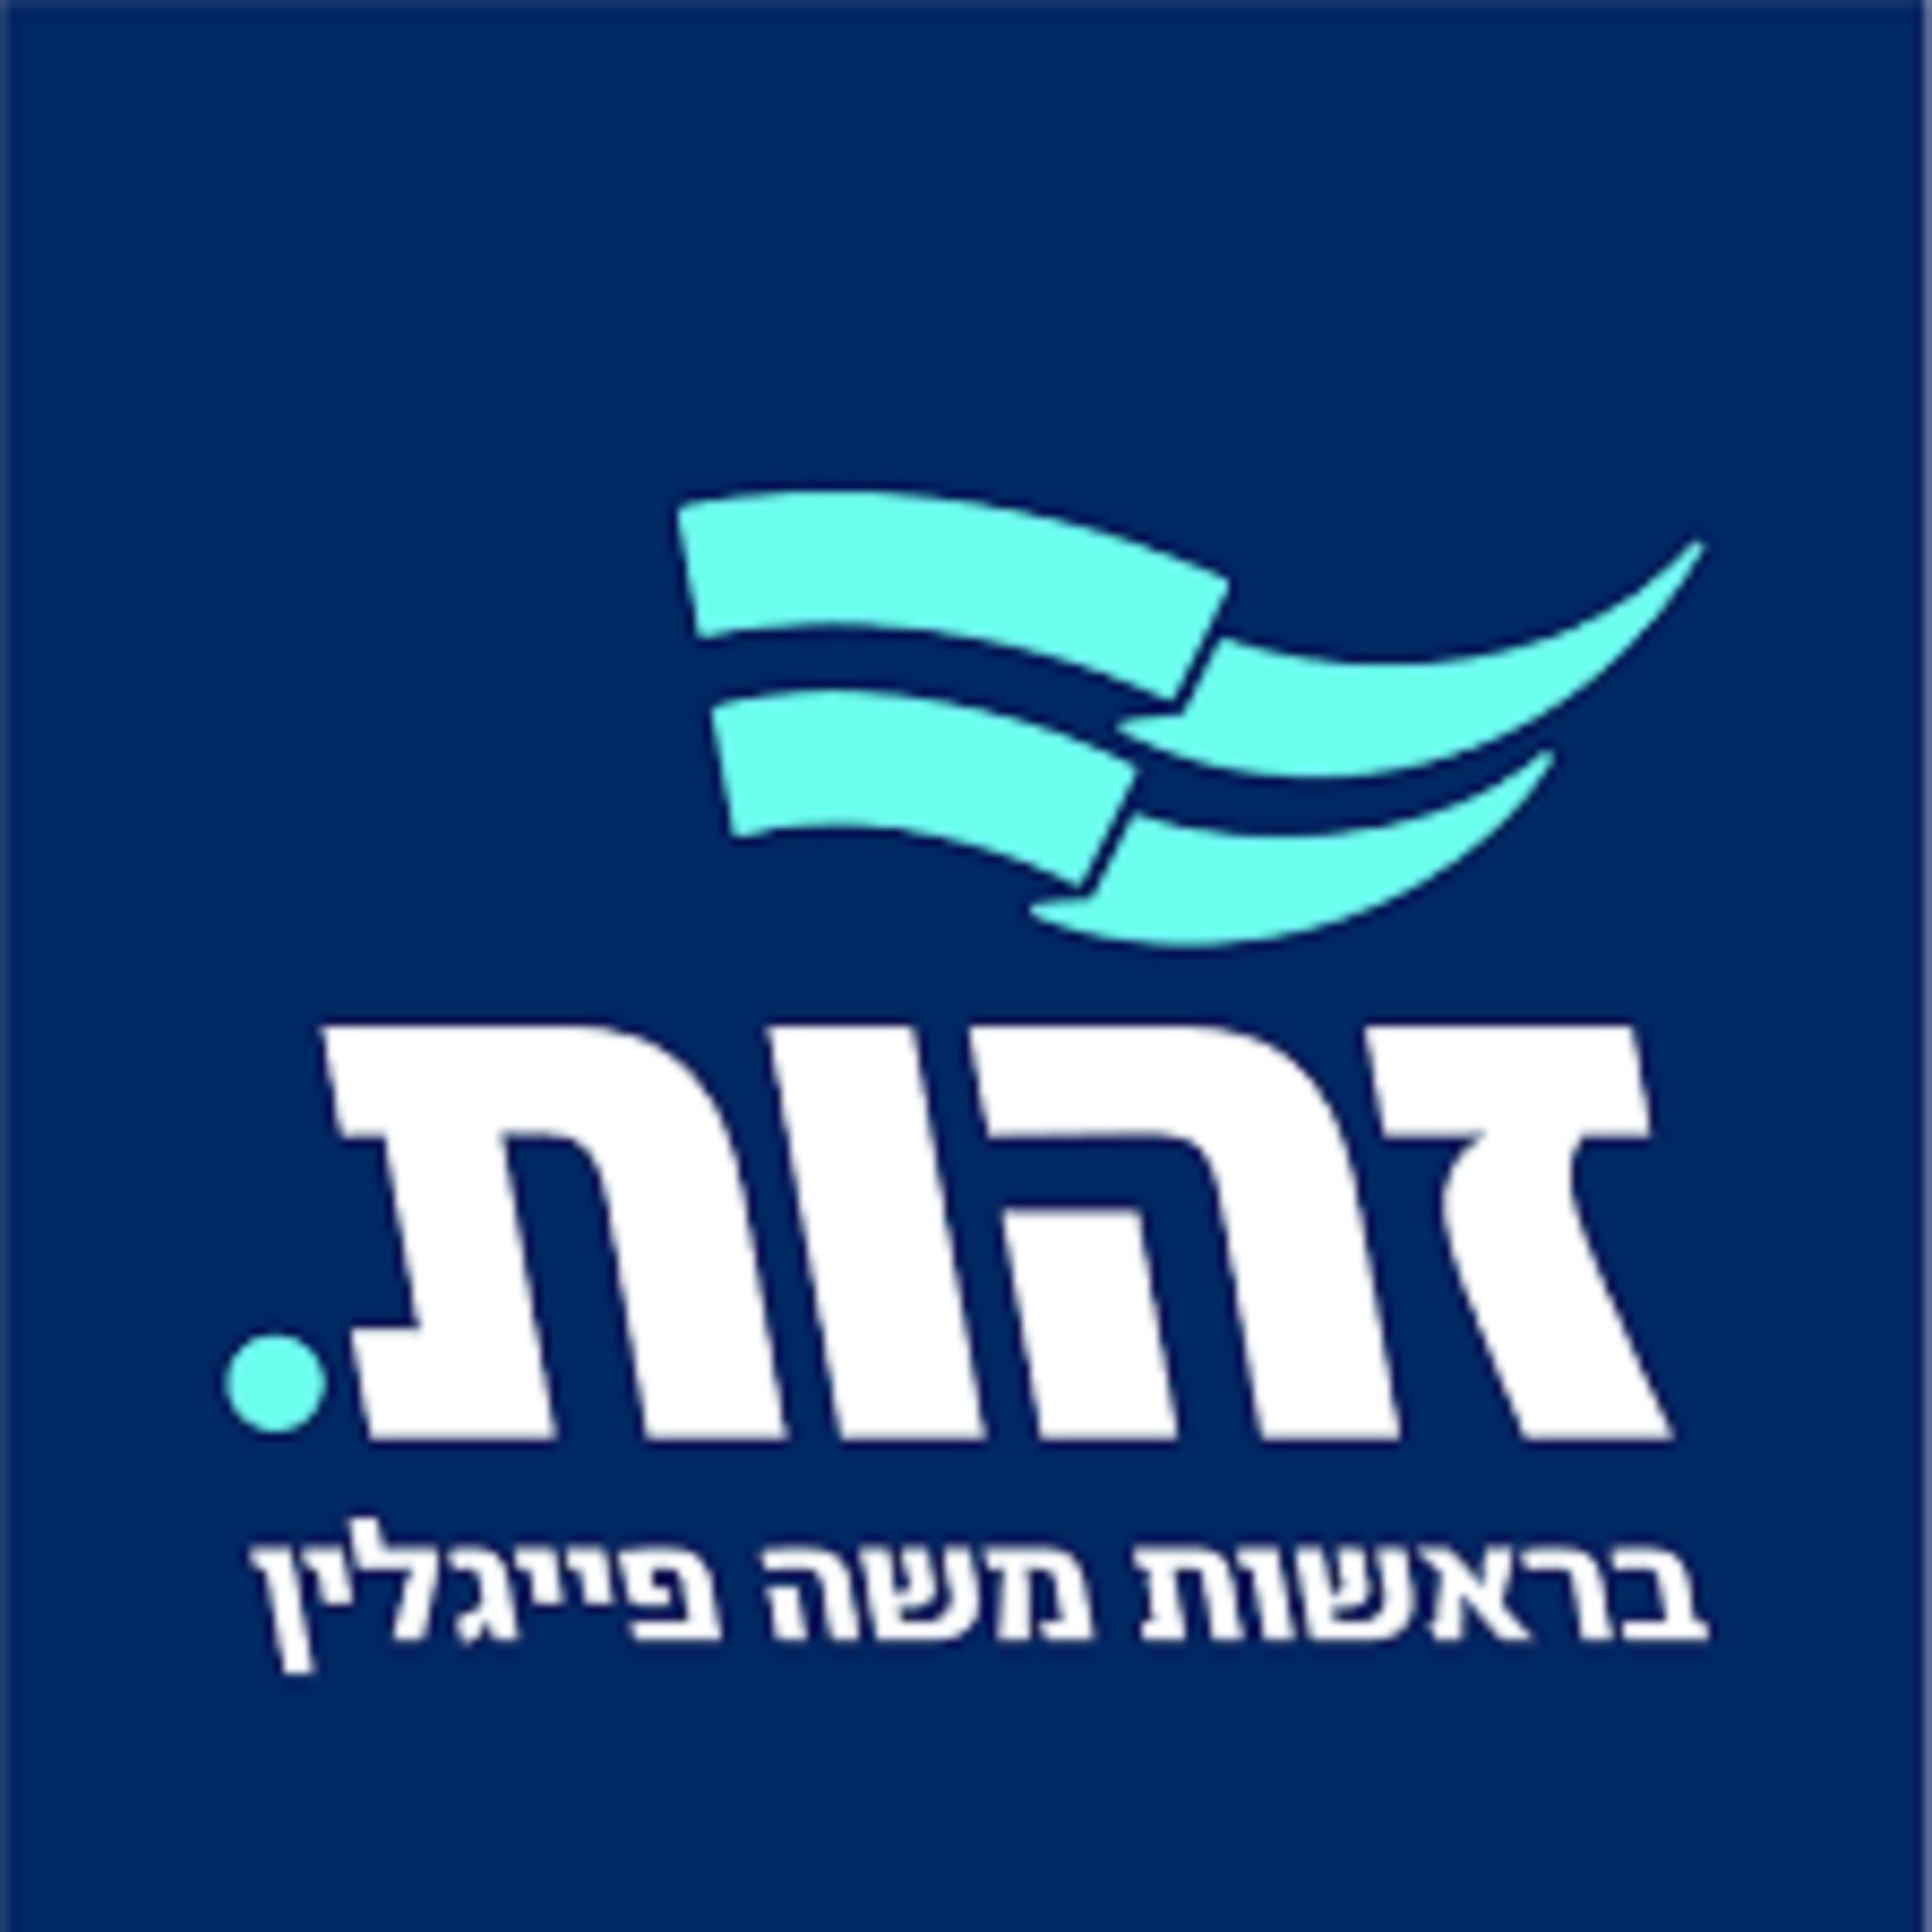 מרתף הדולרים של בנק ישראל - מה זה למה זה ולמה זה פוגע בנו